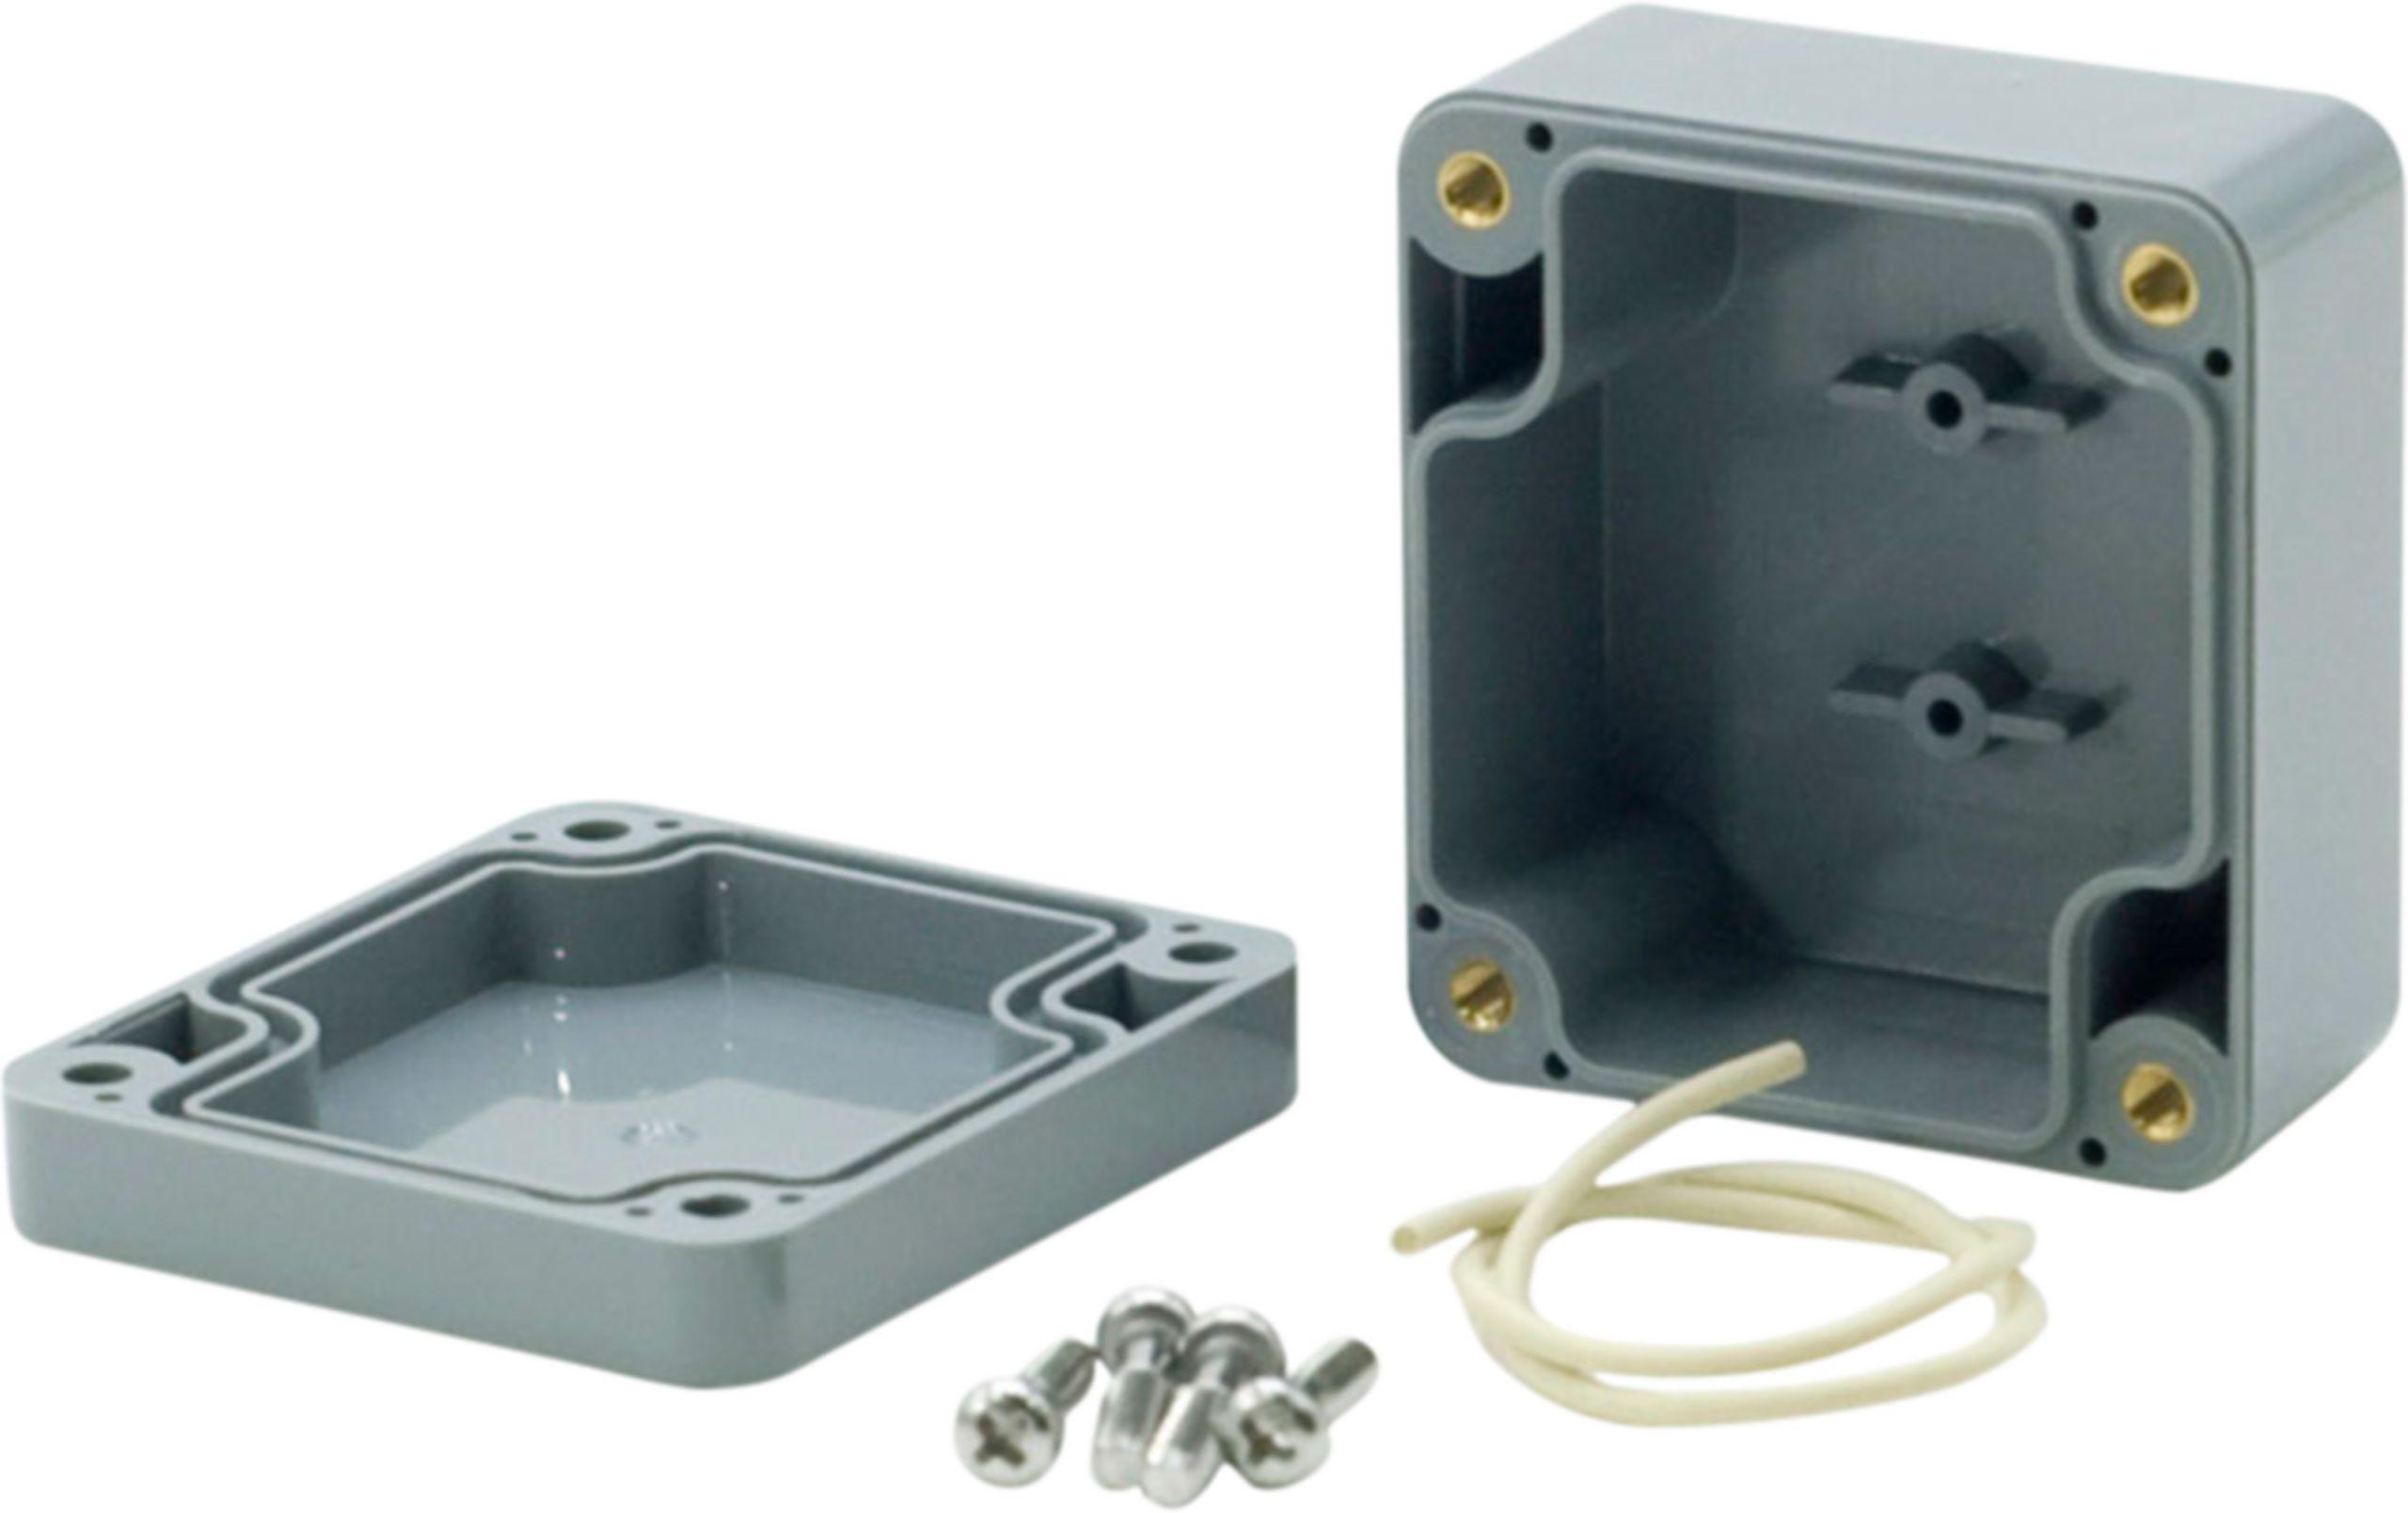 Krabička ABS plast, IP 65, tmavě šedá 115 x 65 x 40 mm